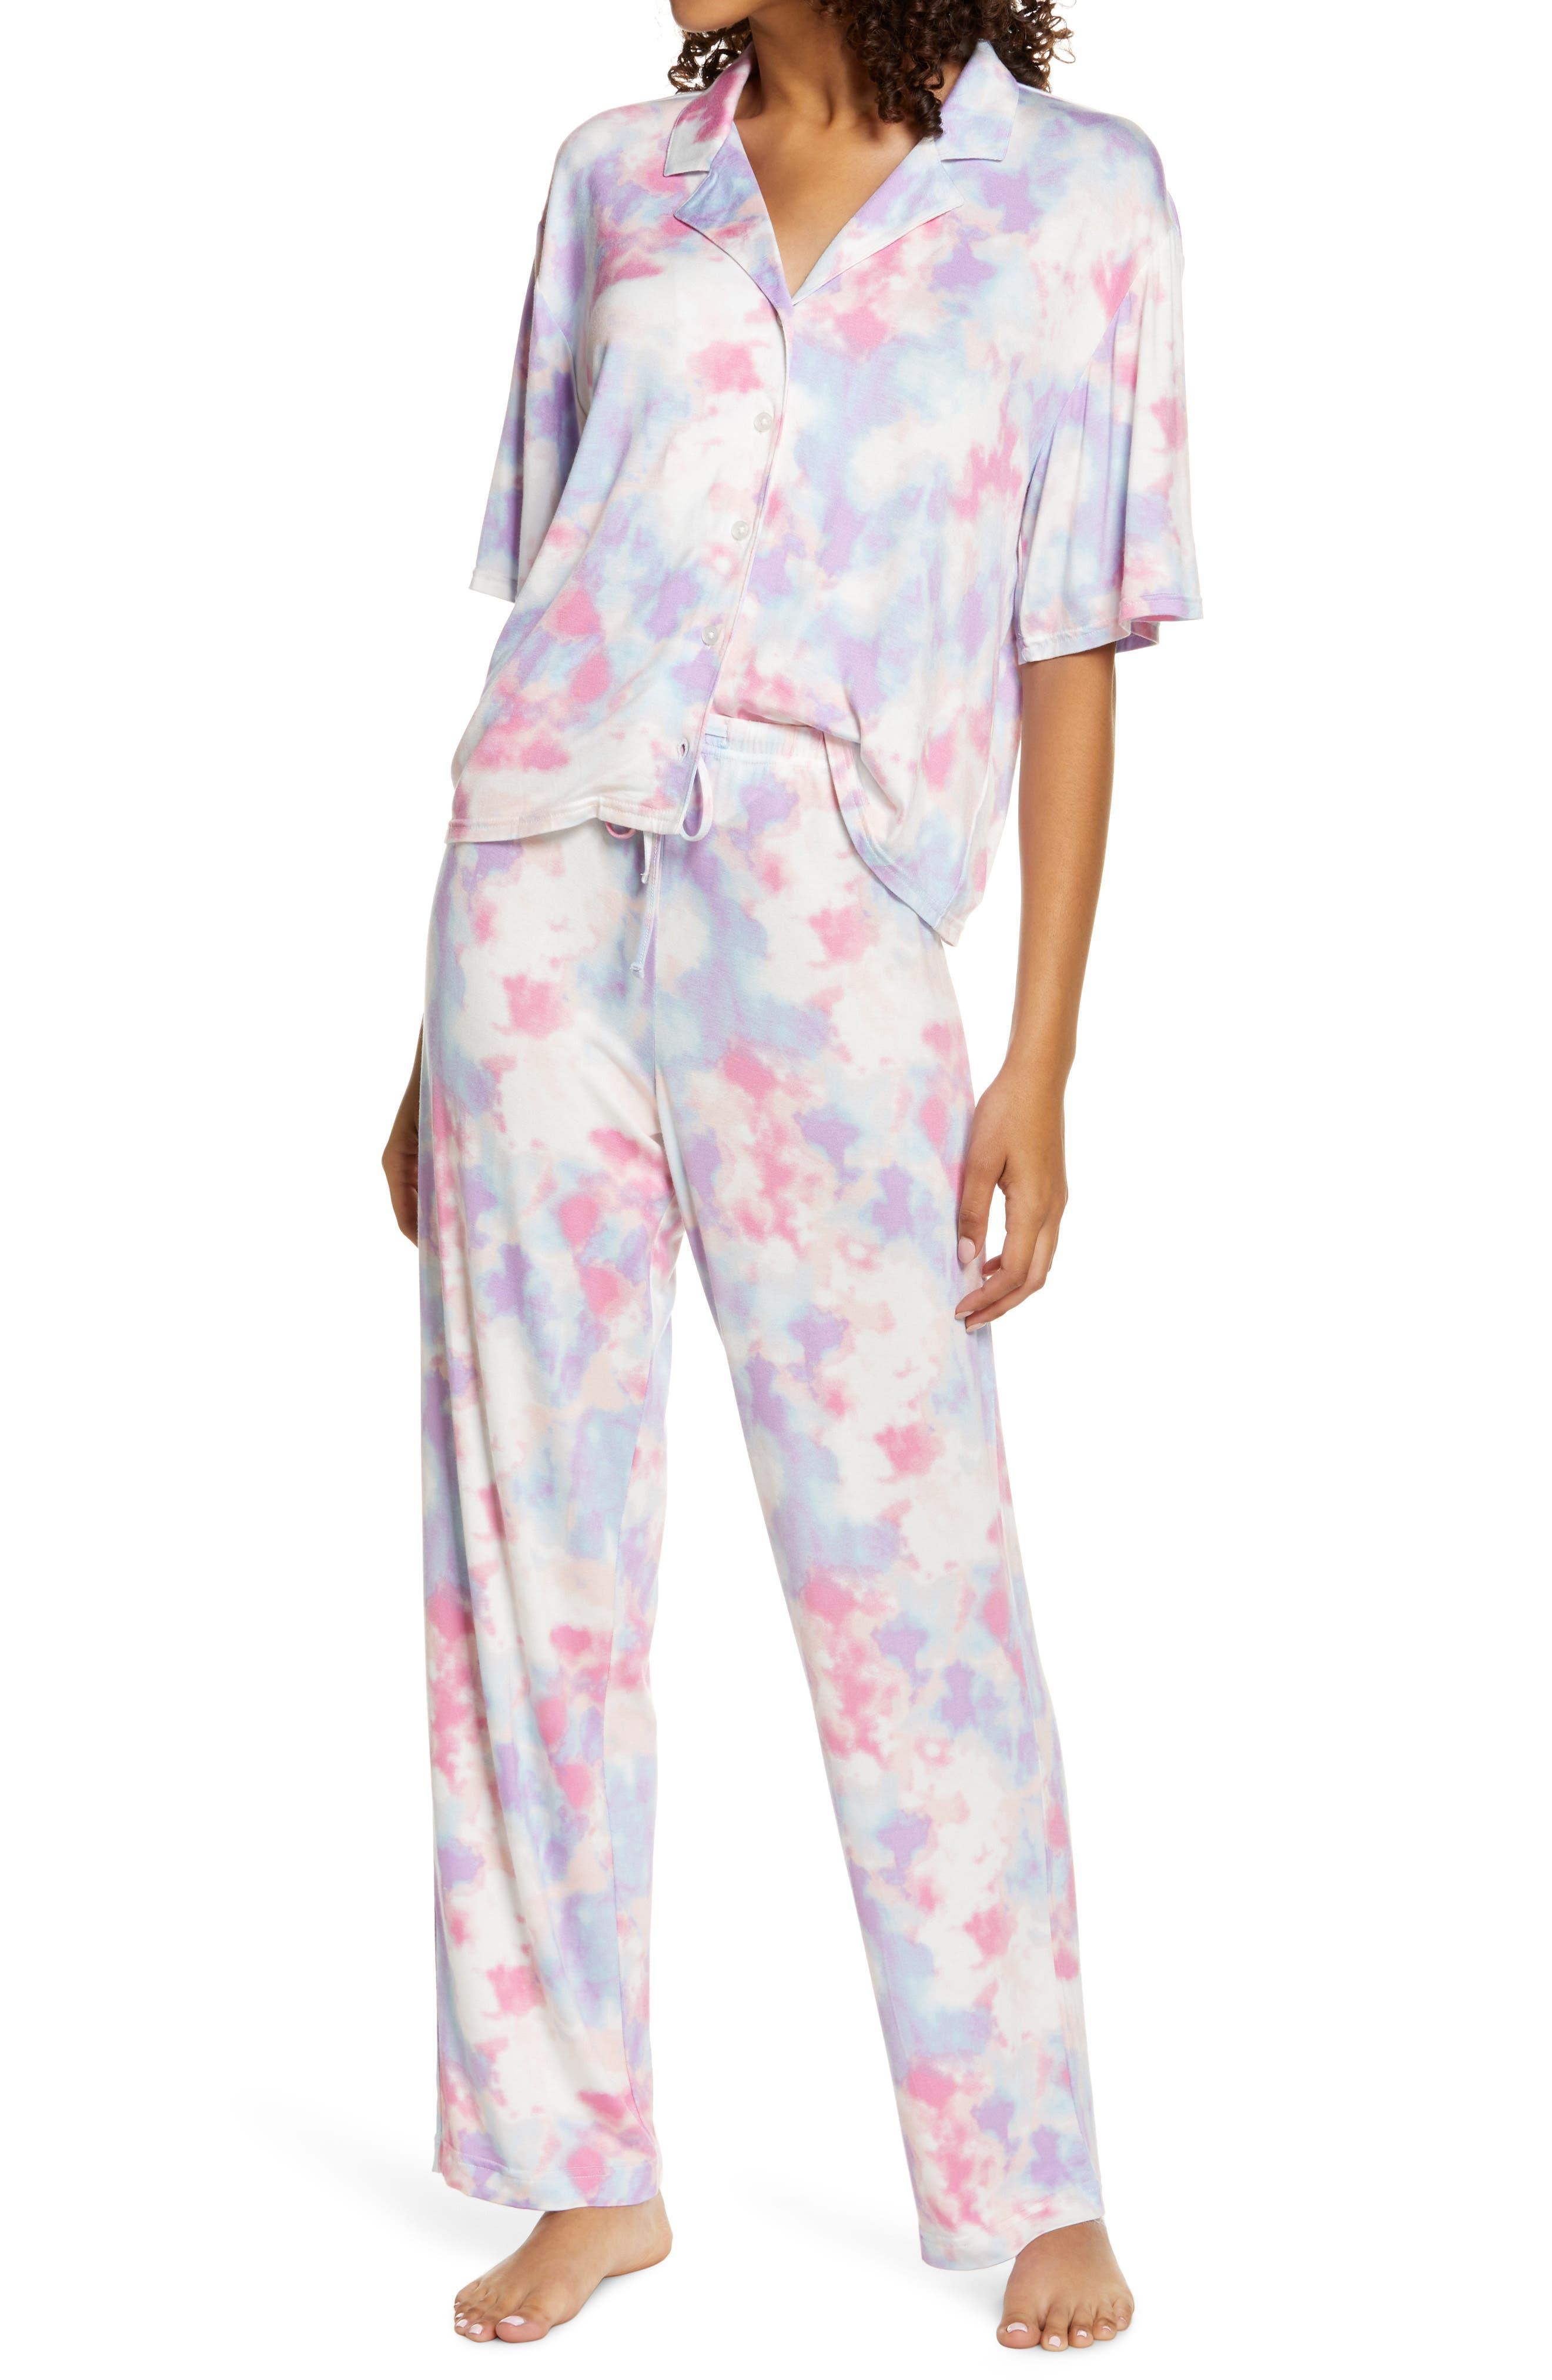 Sleepy Head Pajamas